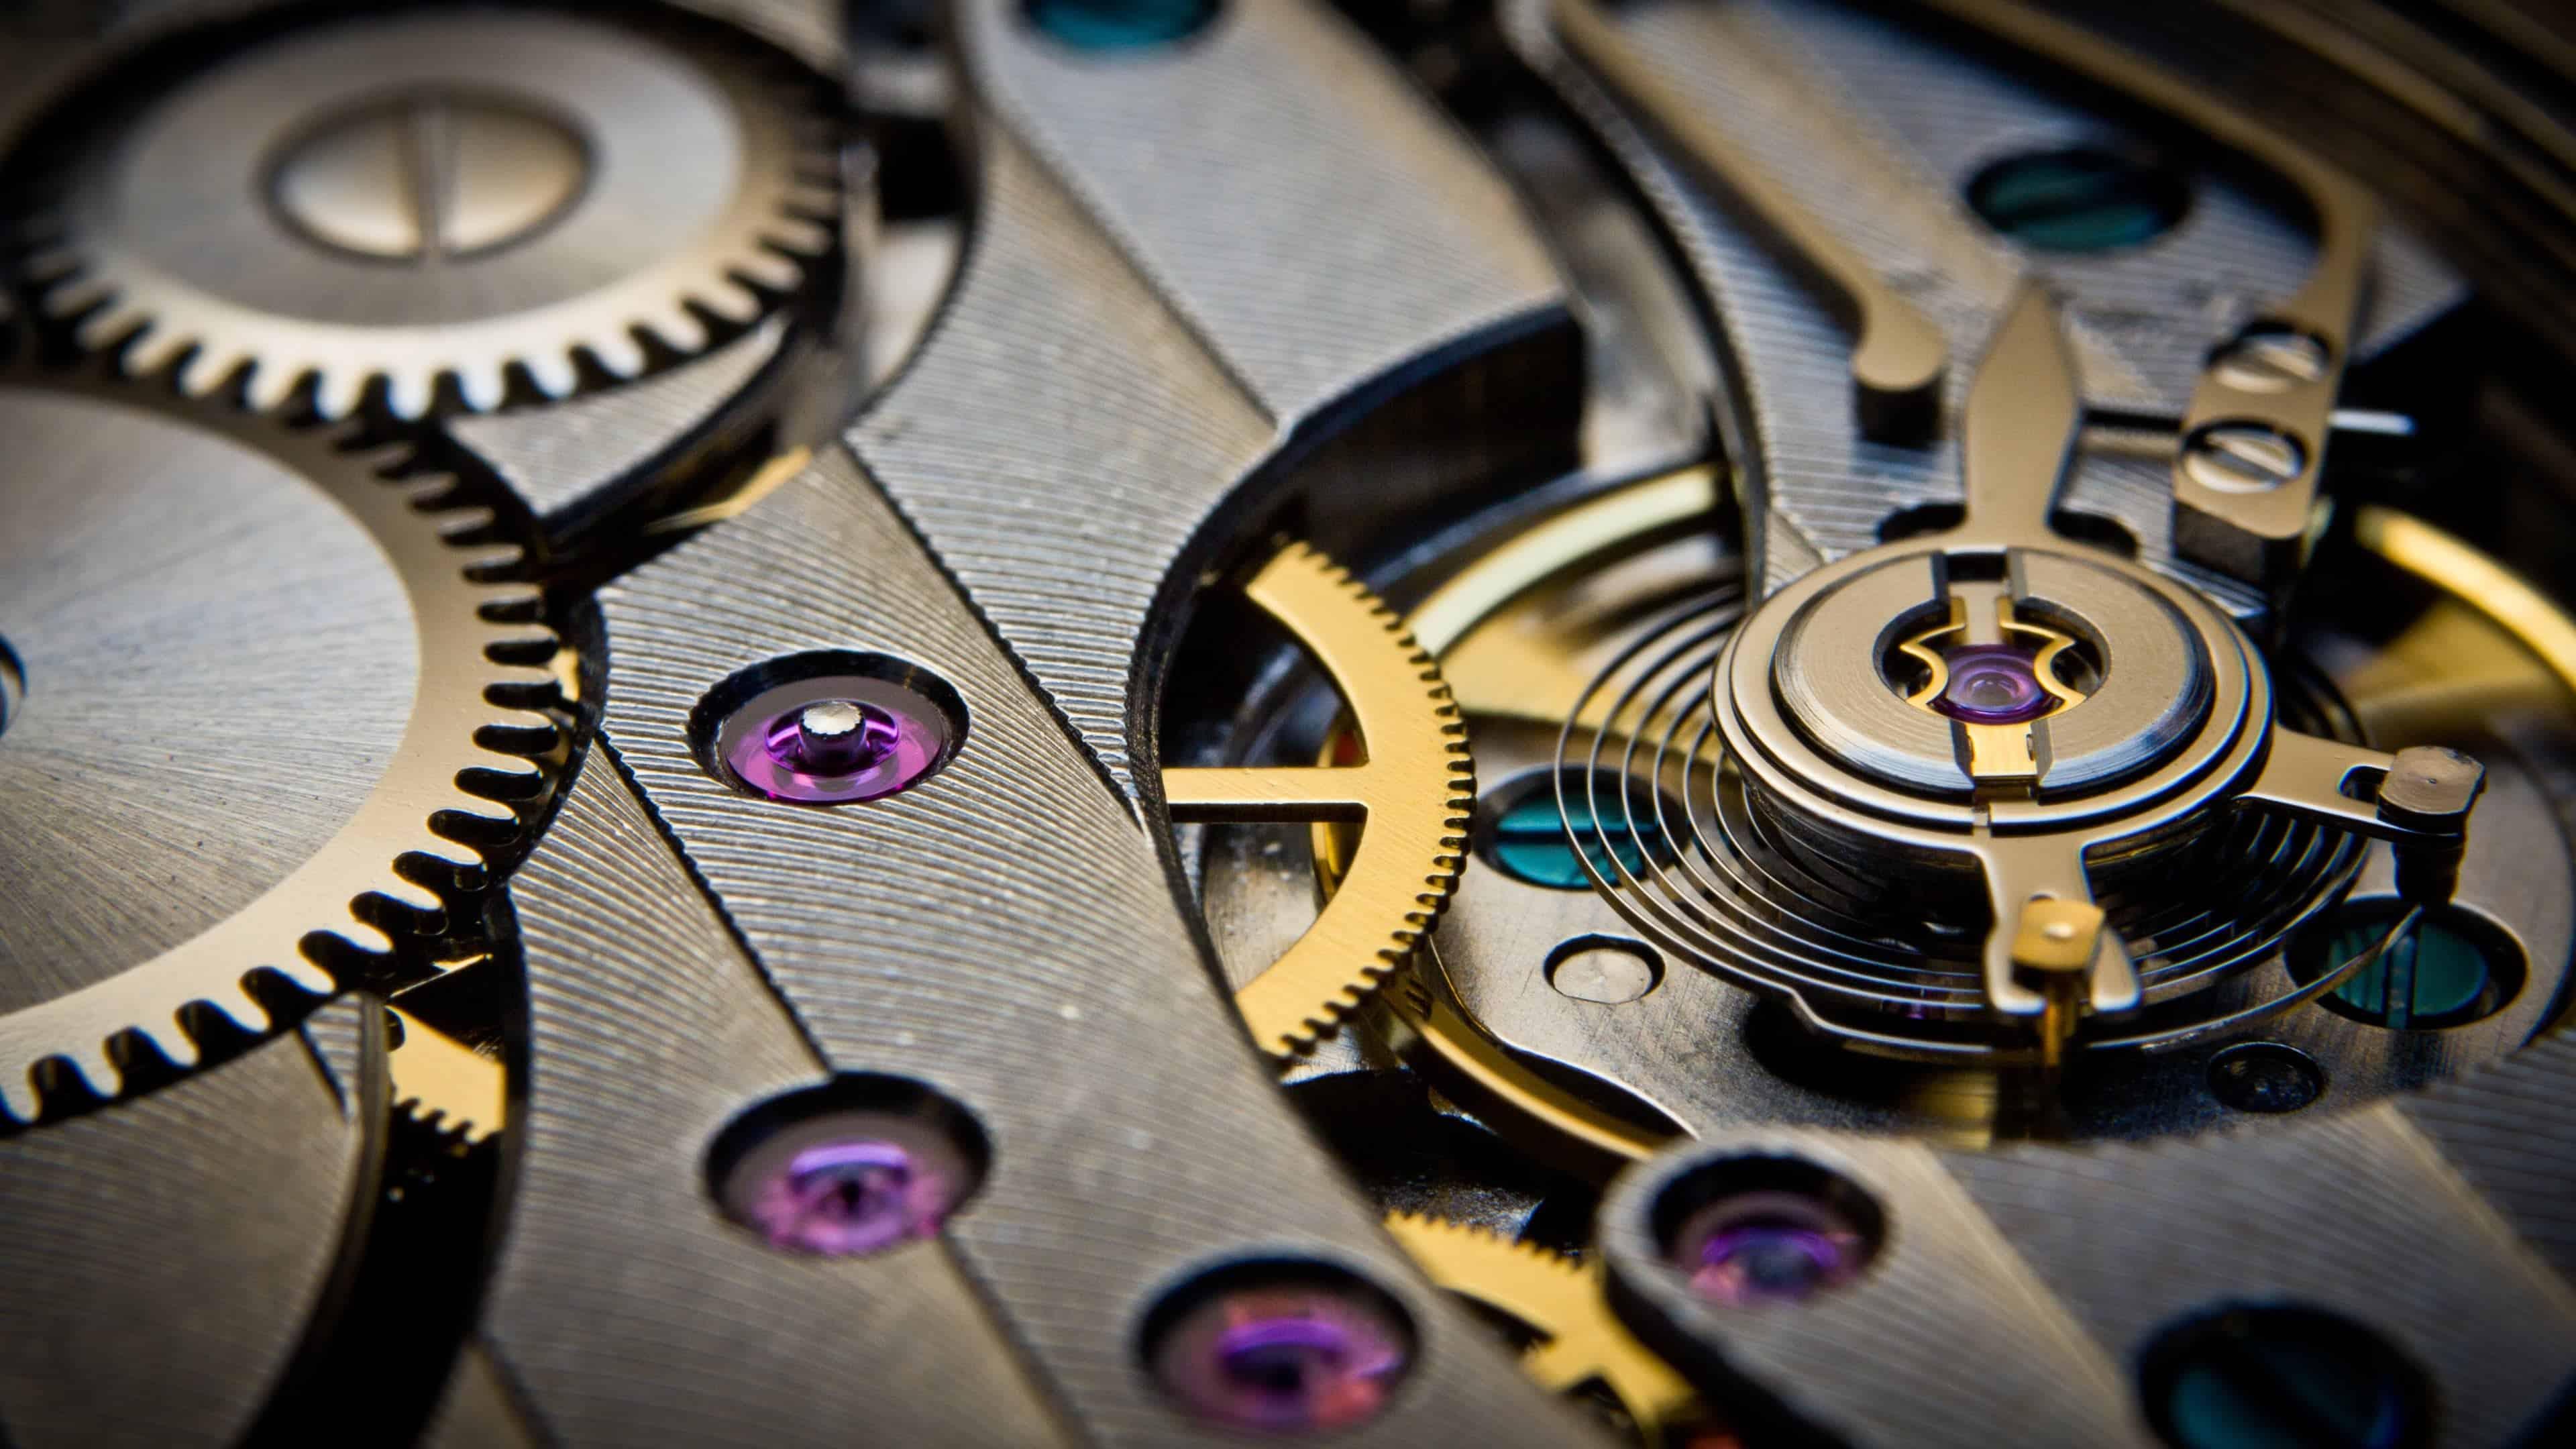 watch gears uhd 4k wallpaper